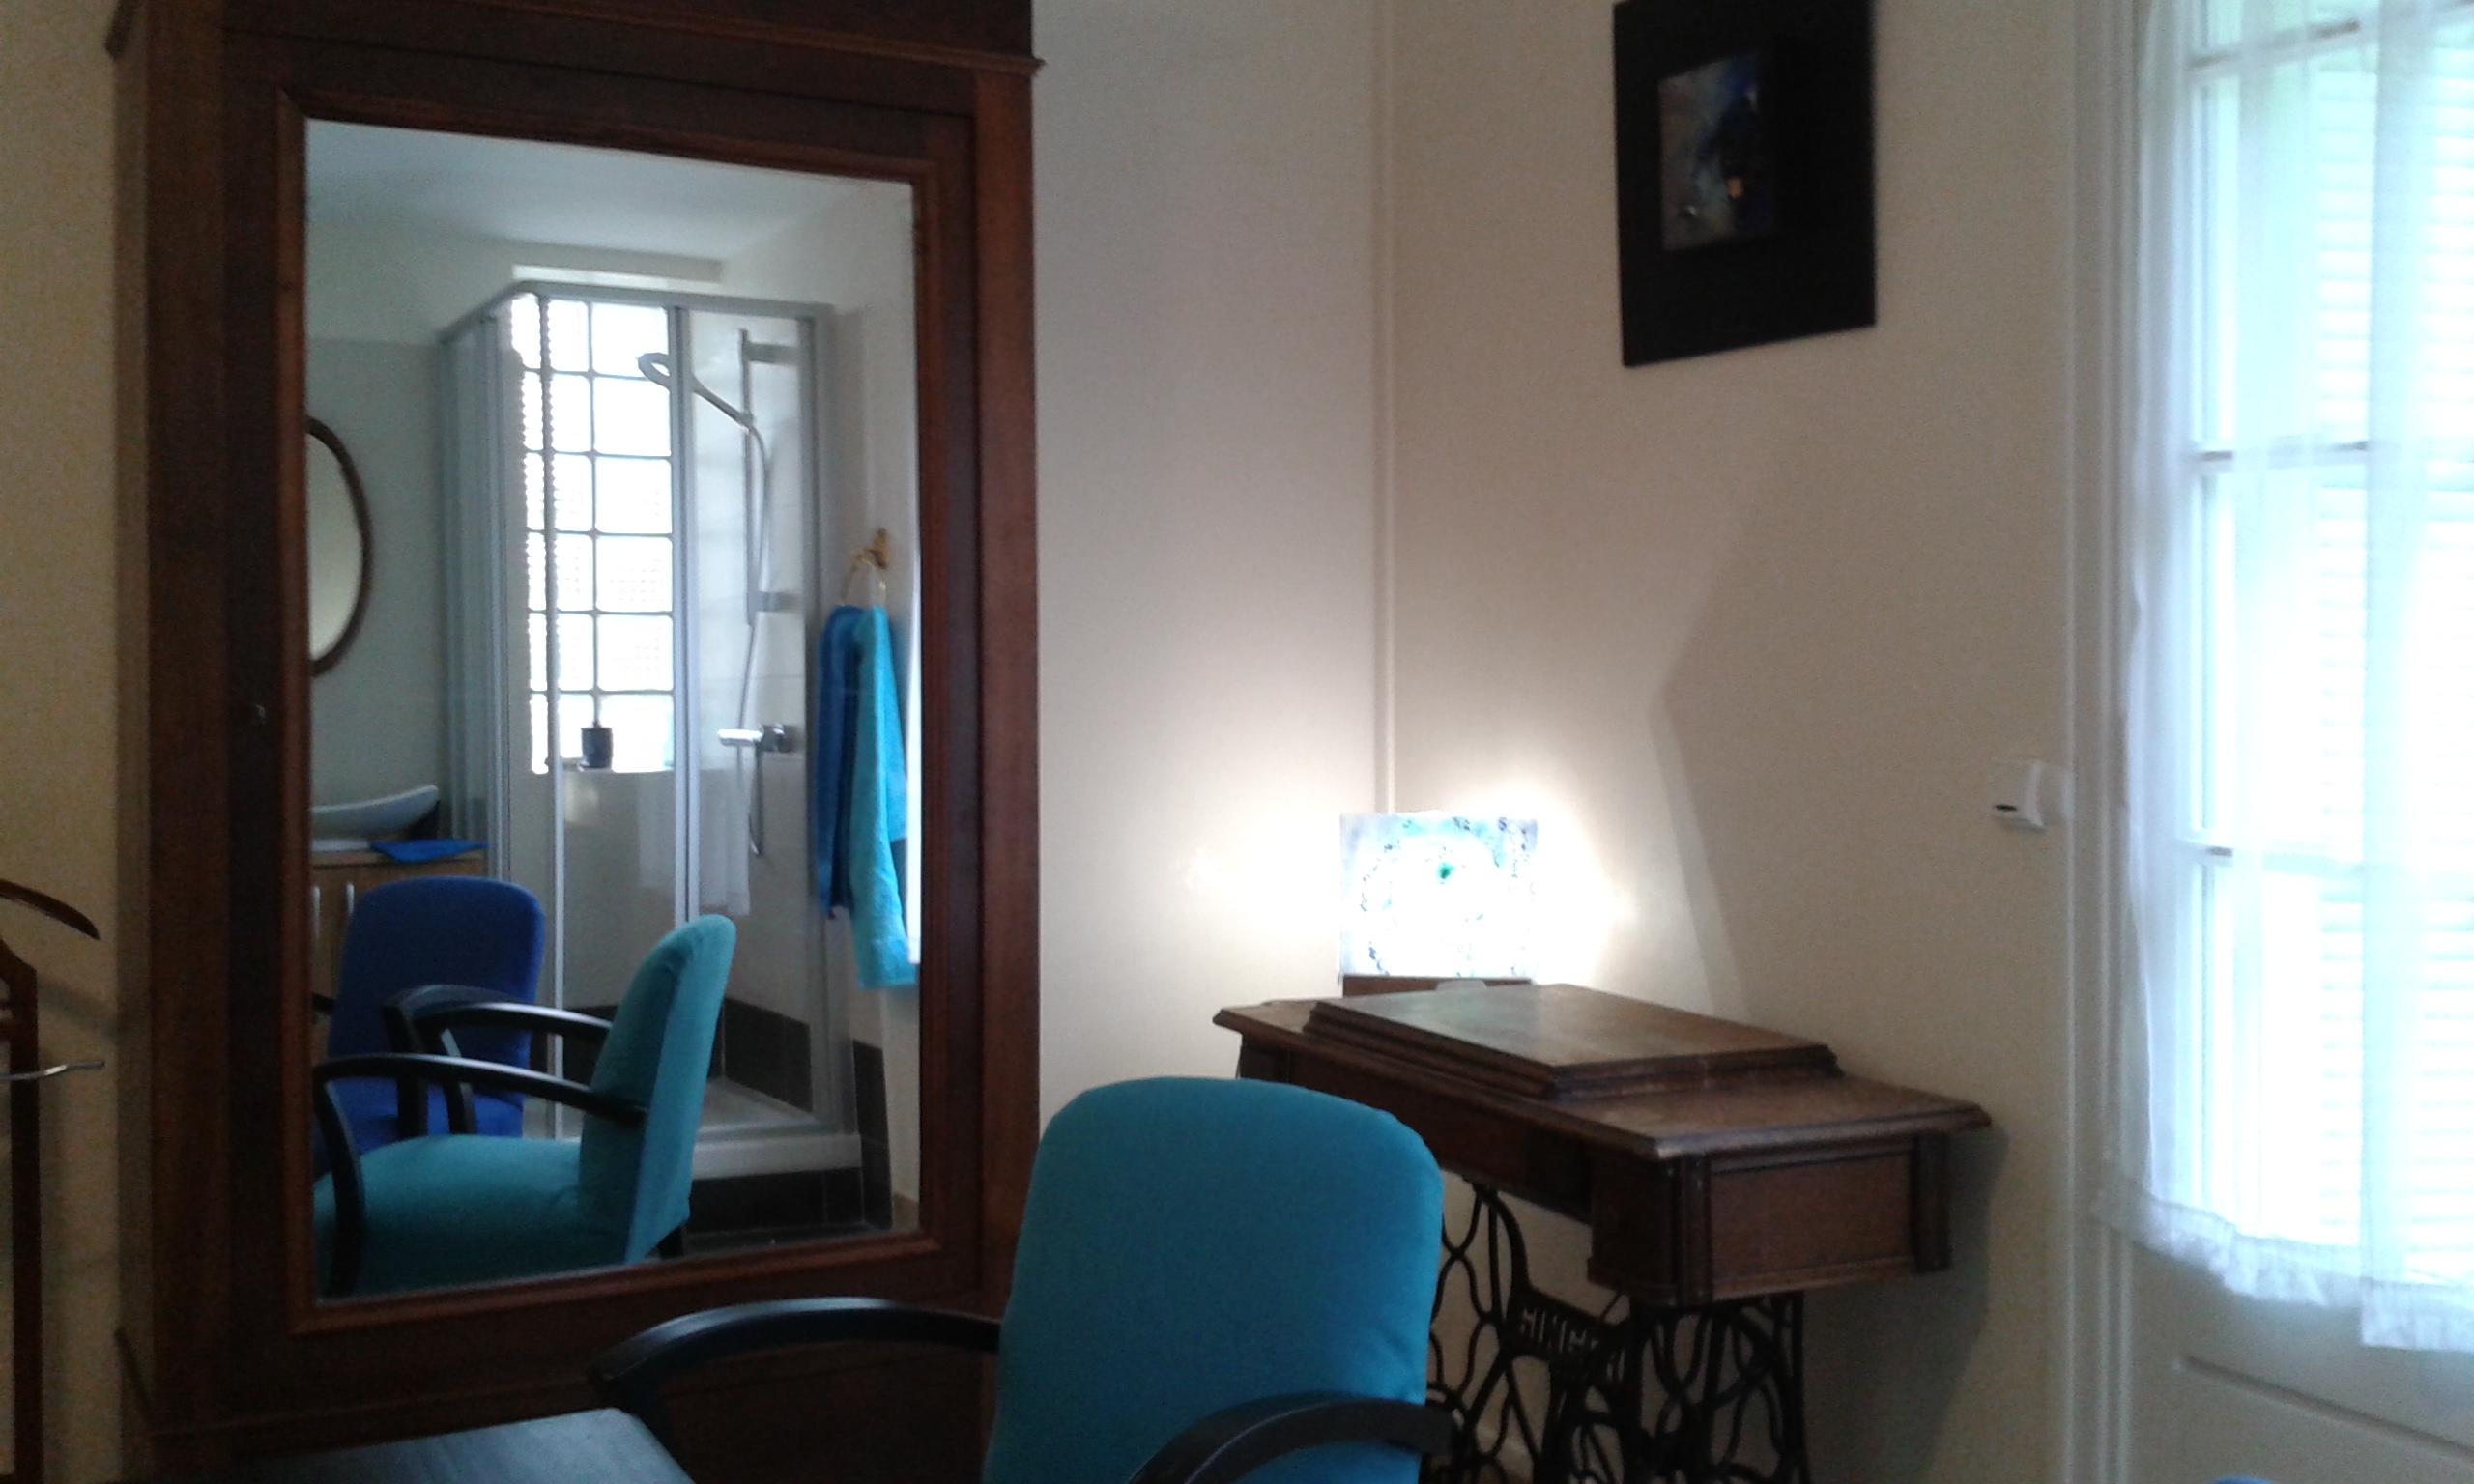 chambre indigo chambres d 39 h tes de charme aix en provence. Black Bedroom Furniture Sets. Home Design Ideas